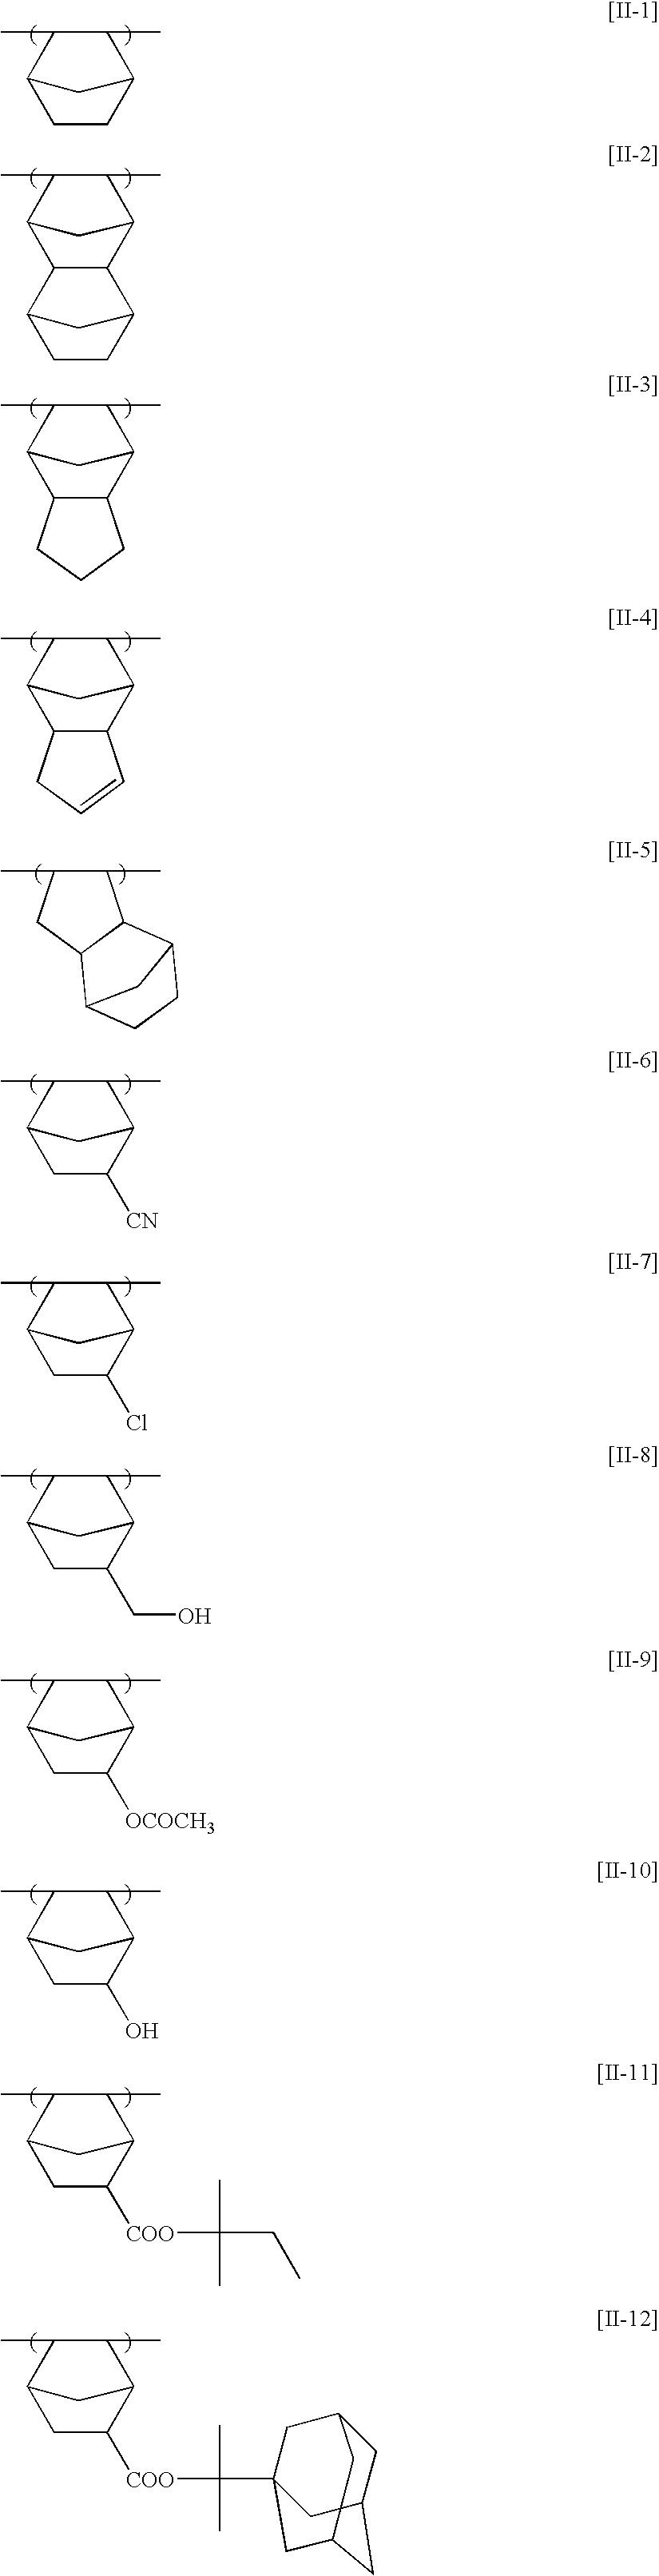 Figure US07998655-20110816-C00011